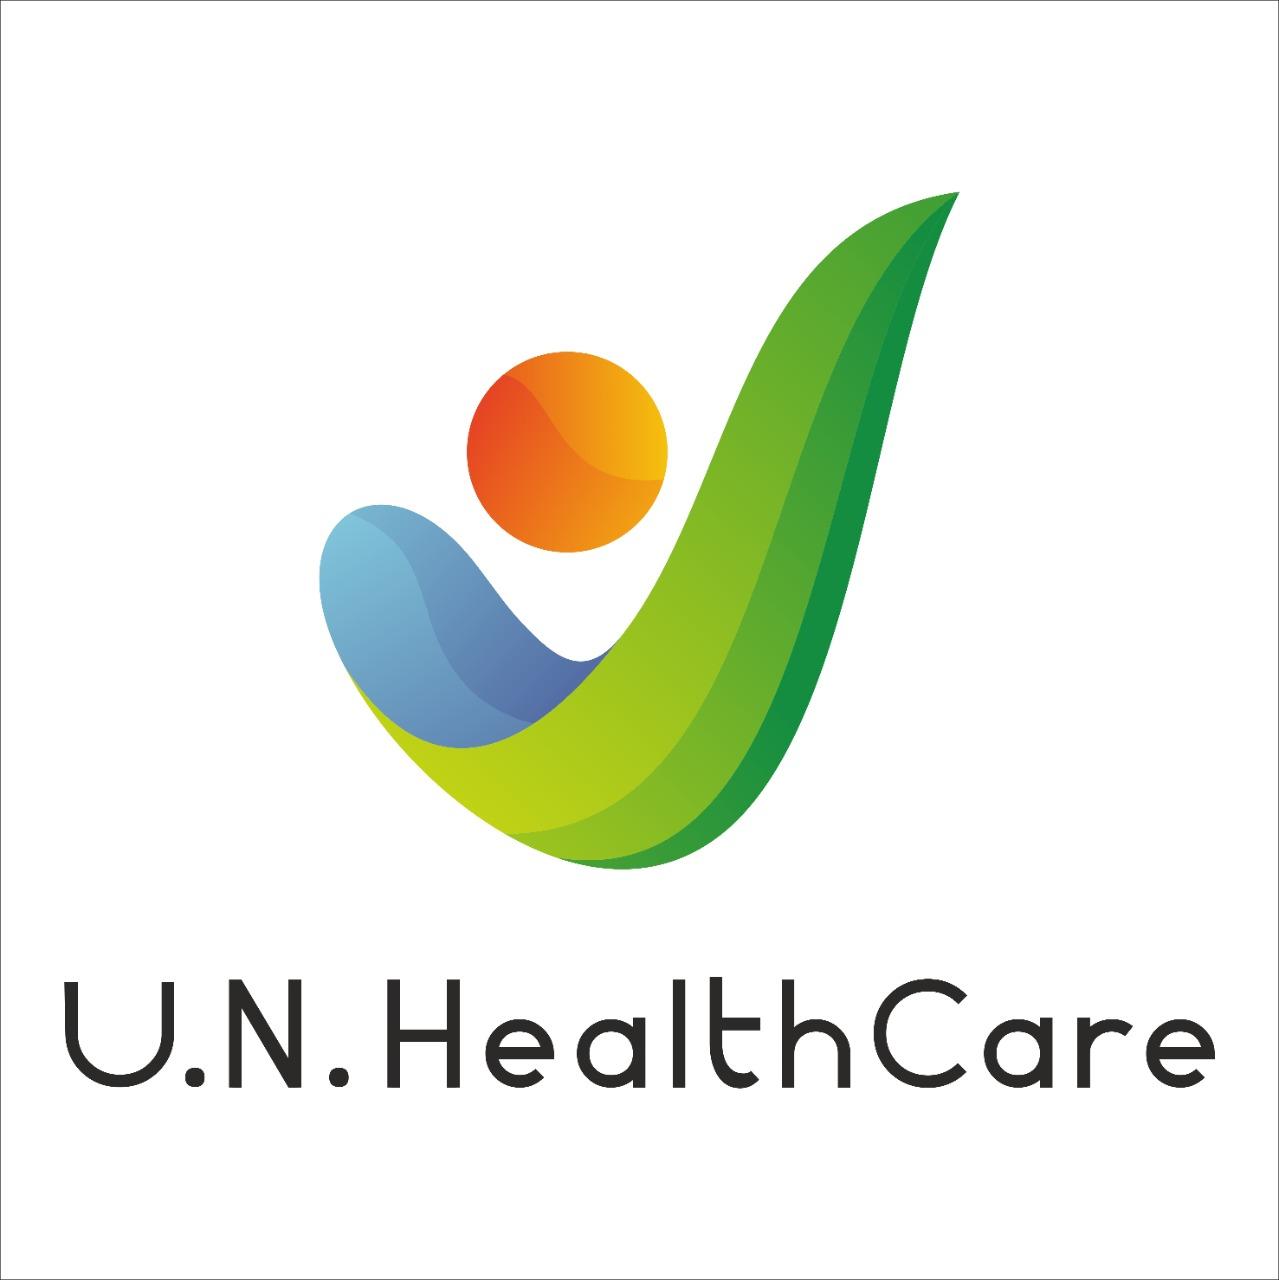 UN HEALTHCARE